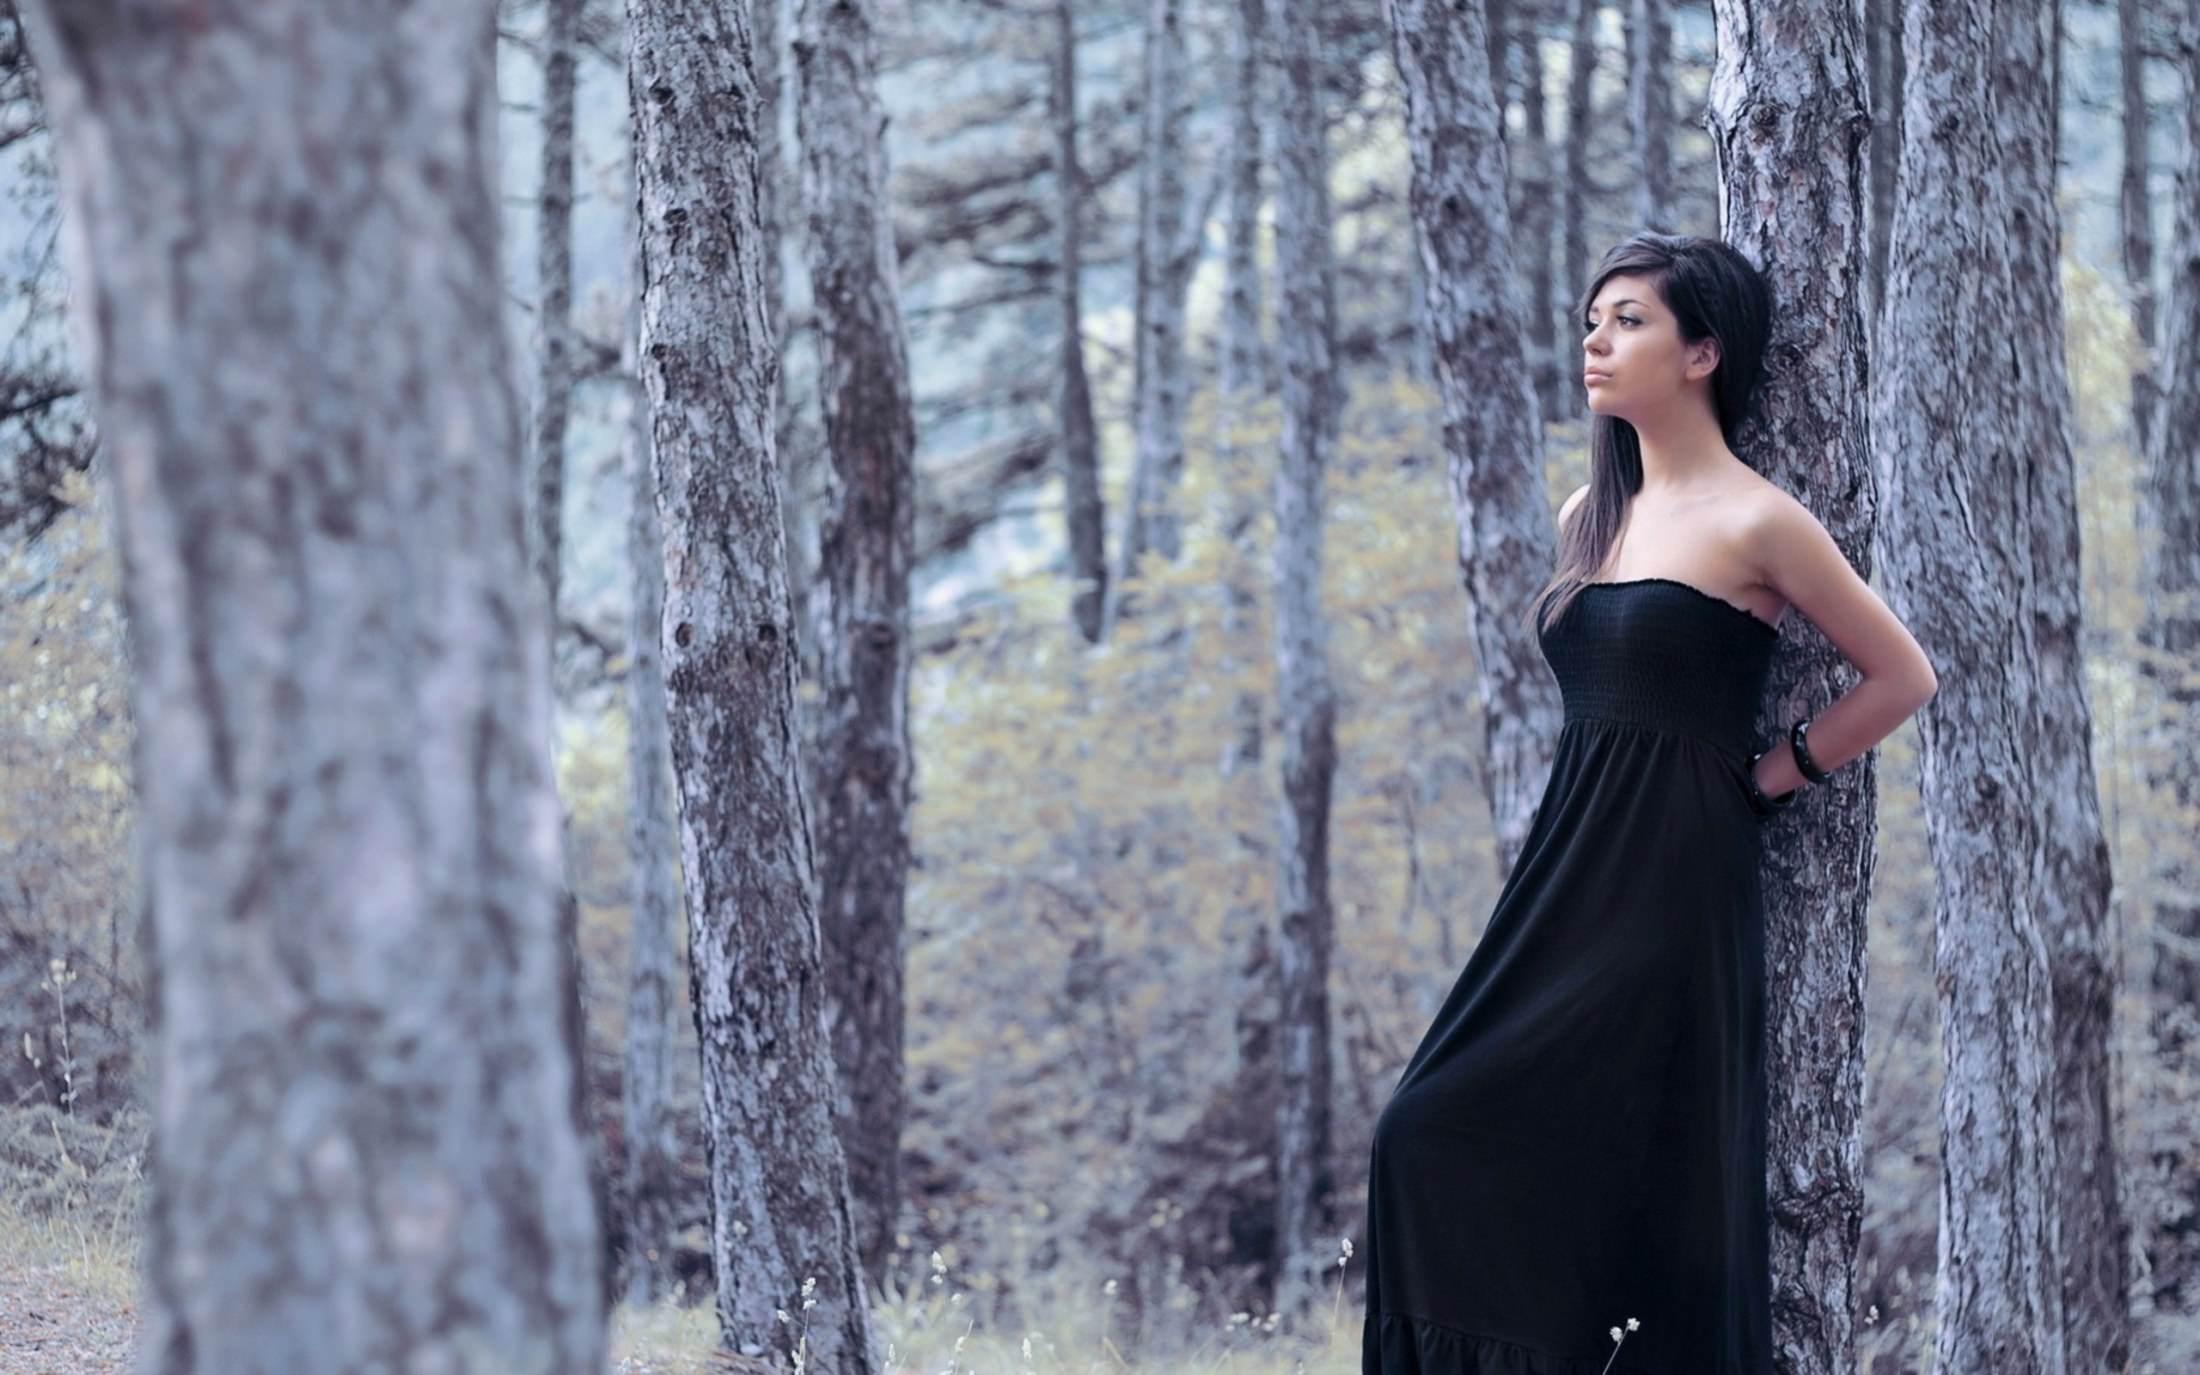 Прижался к девушке в лесу рассказ 5 фотография